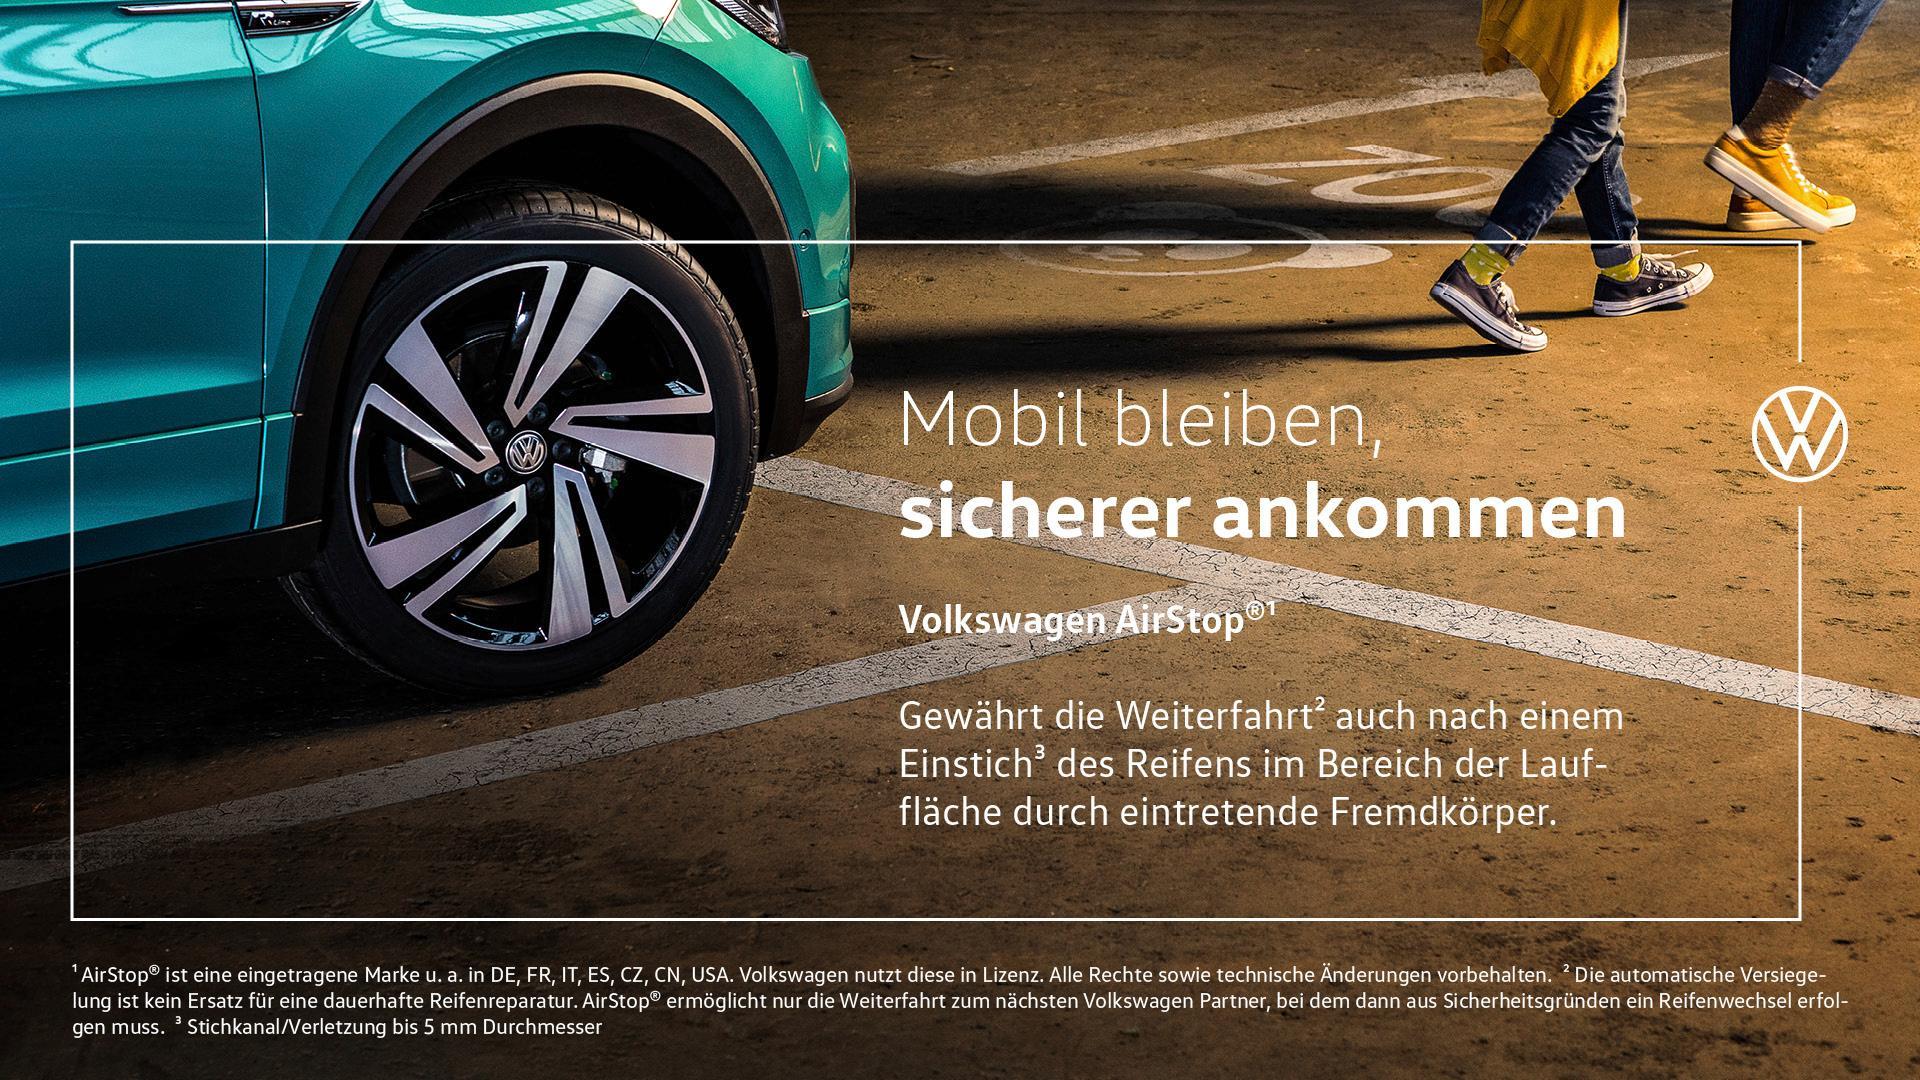 Volkswagen Aktionen – Zubehör, Ersatzteile, Service & Räder